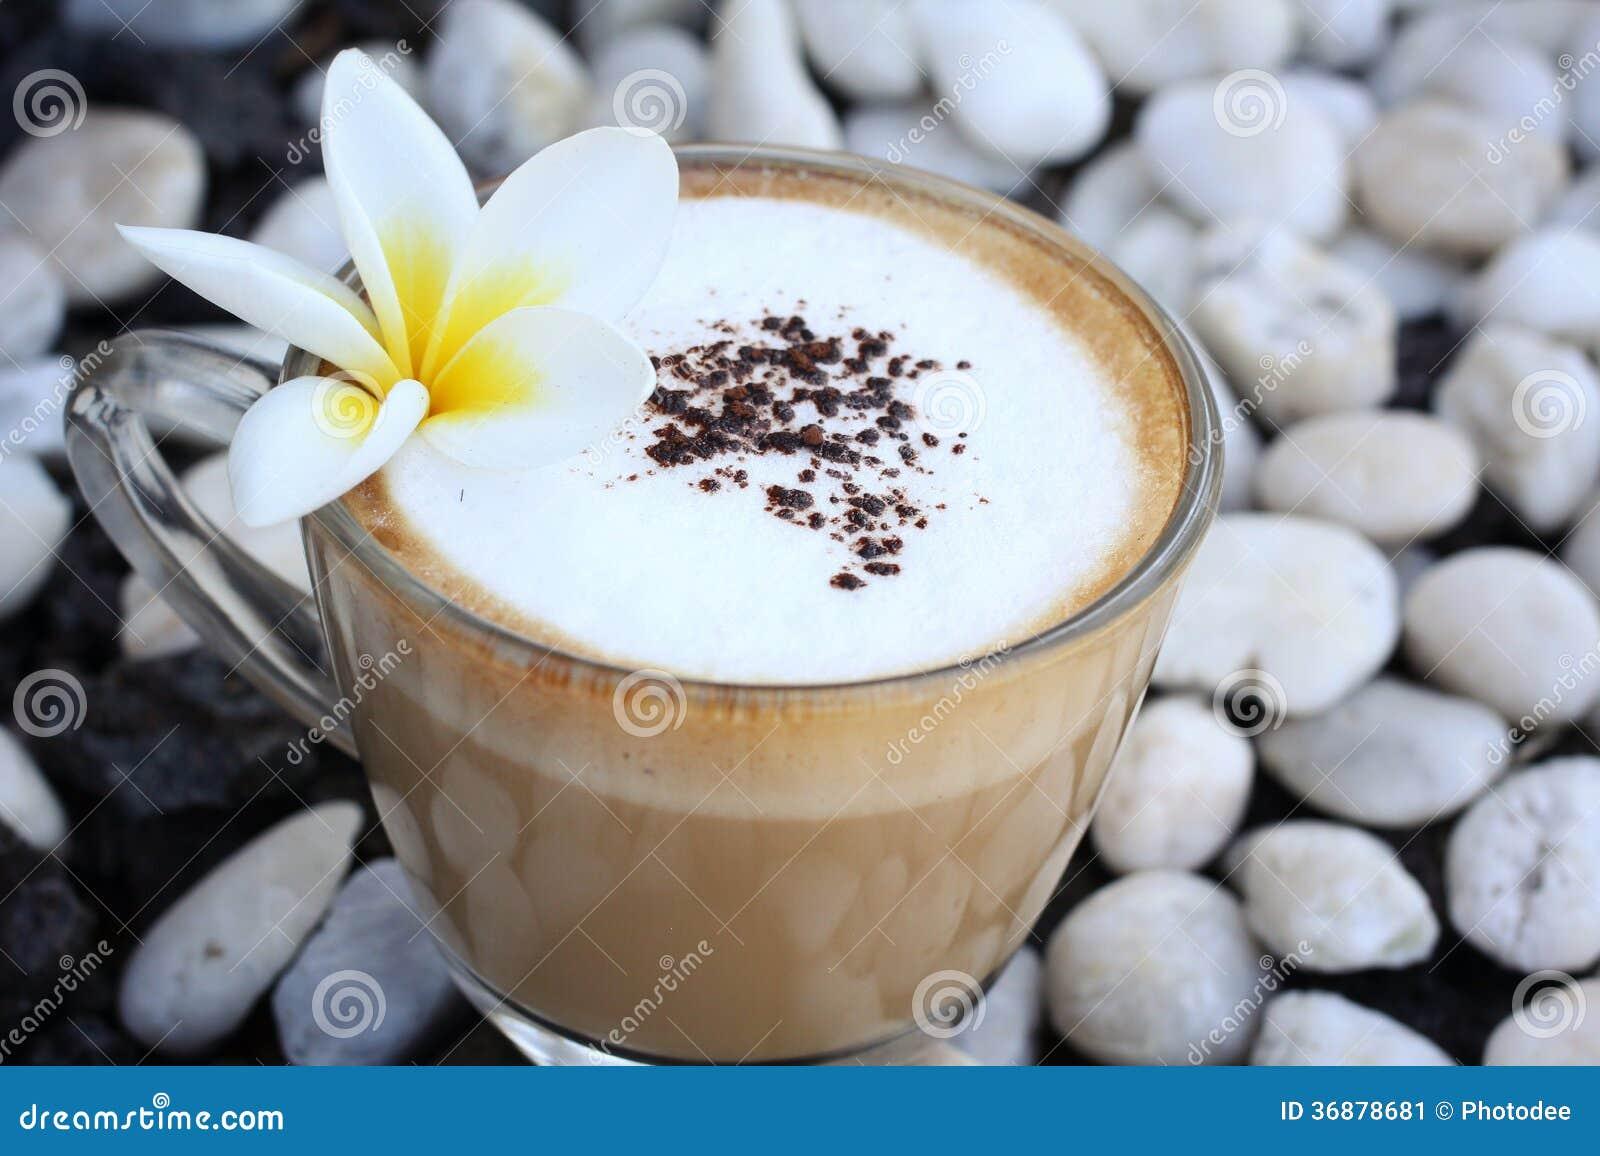 Download Tazza con cappuccino caldo immagine stock. Immagine di caffeina - 36878681